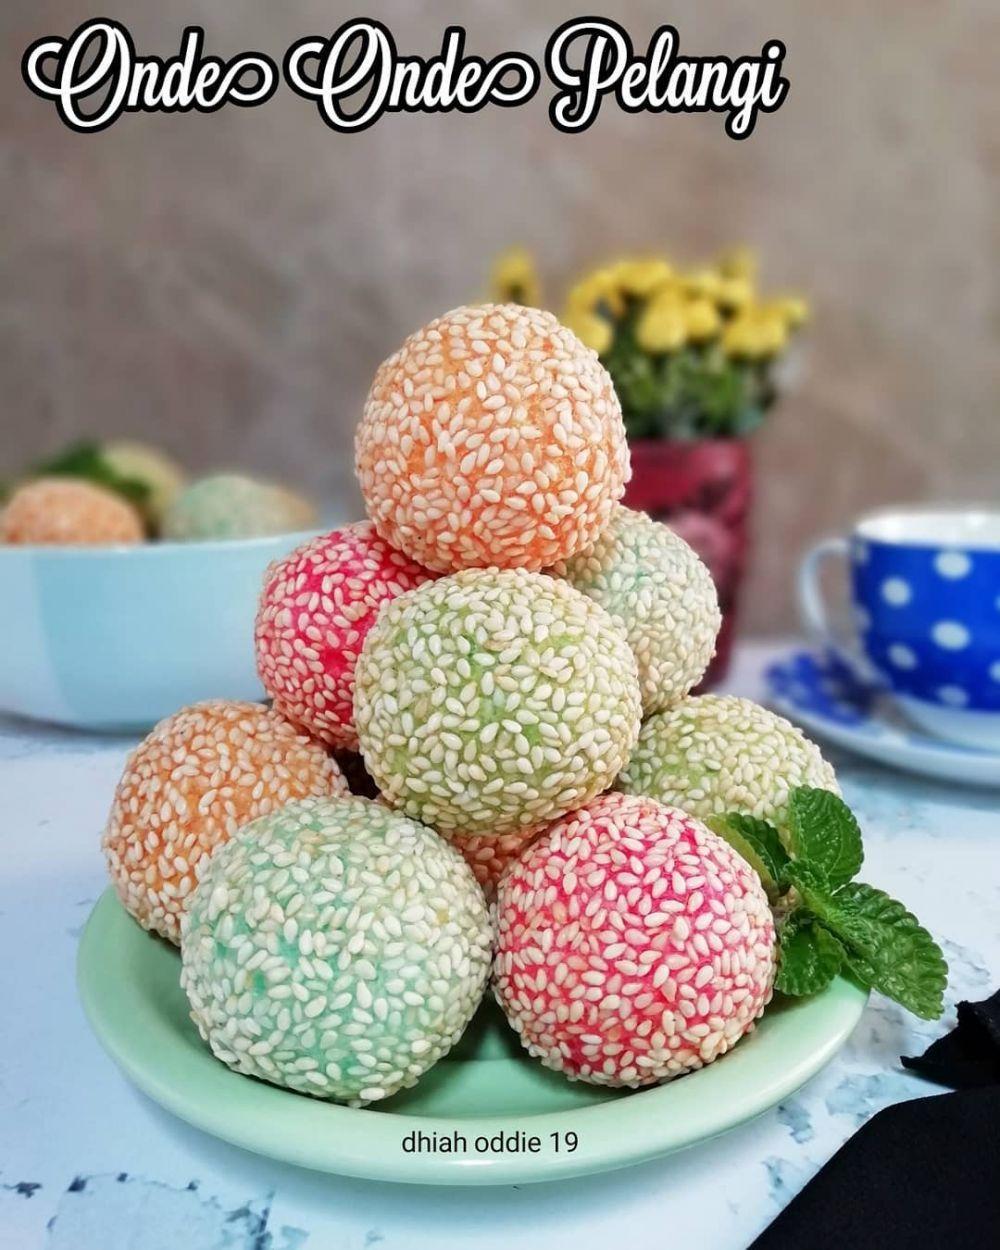 15 Resep Kue Dari Tepung Beras Instagram Resep Kue Emak Qsuin Photography Di 2020 Resep Resep Kue Kue